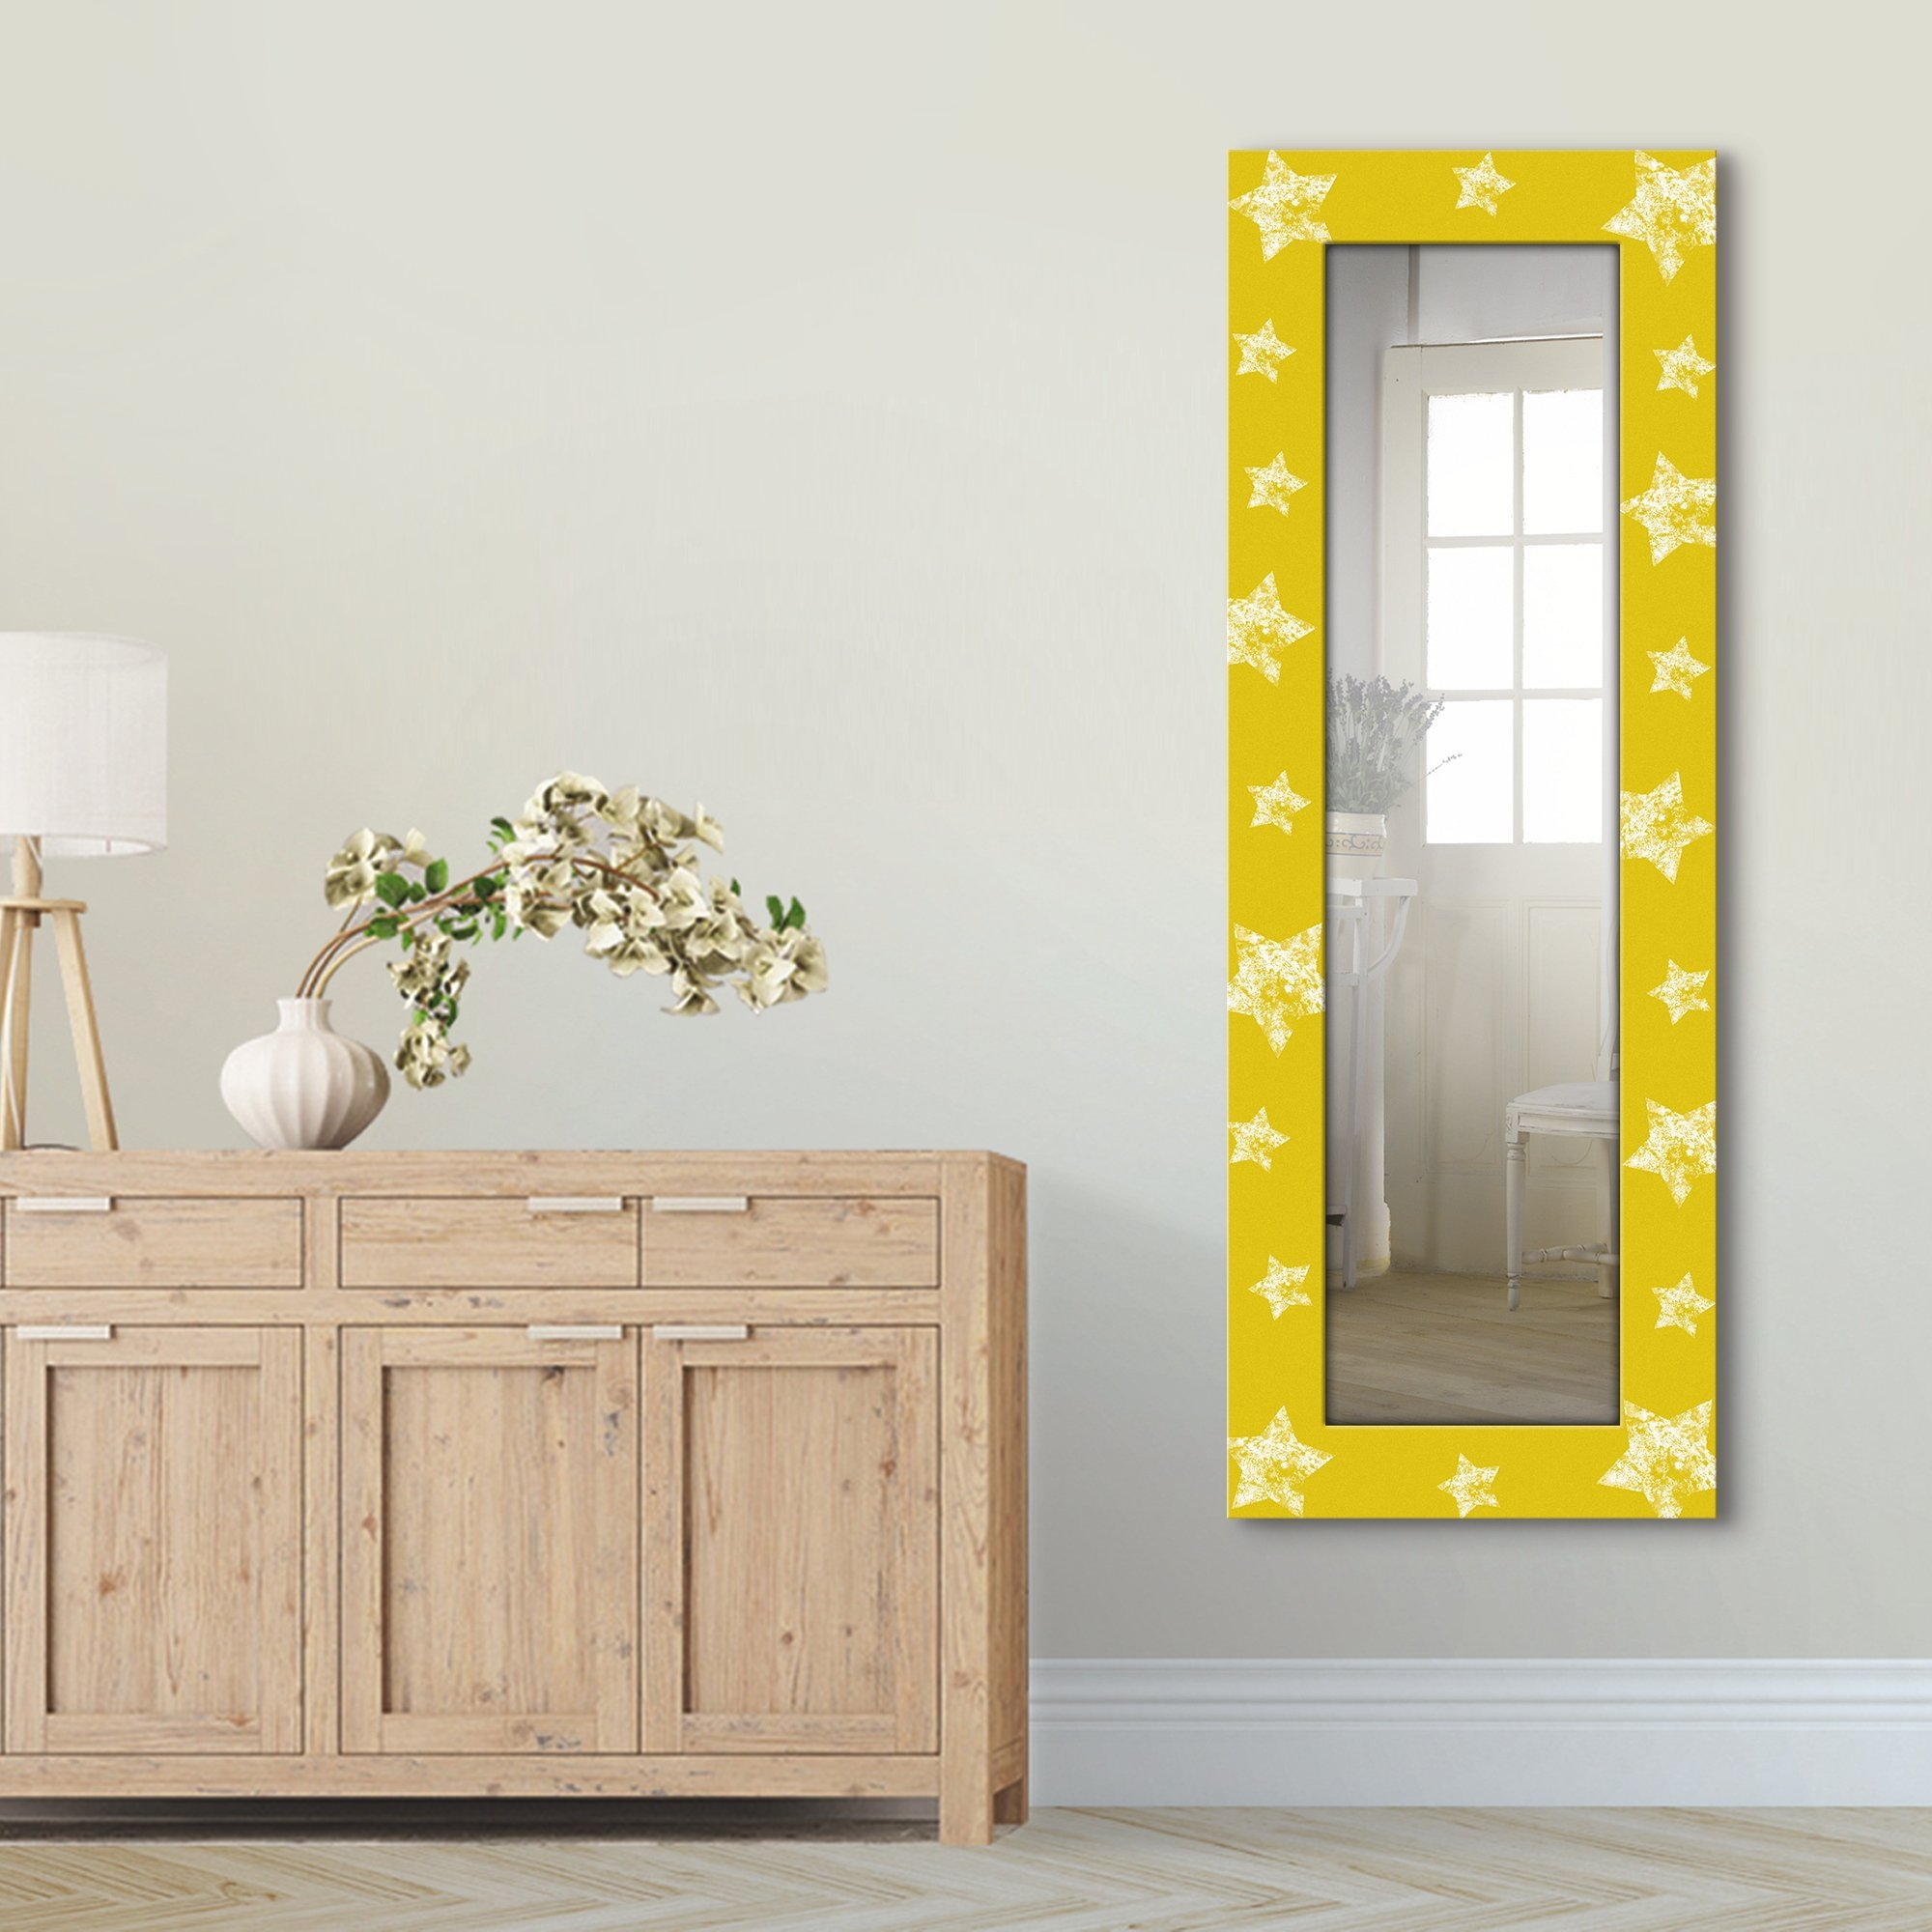 Artland wandspiegel Ster ingelijste spiegel voor het hele lichaam met motiefrand, geschikt voor kleine, smalle hal, halspiegel, mirror spiegel omrand om op te hangen bij OTTO online kopen